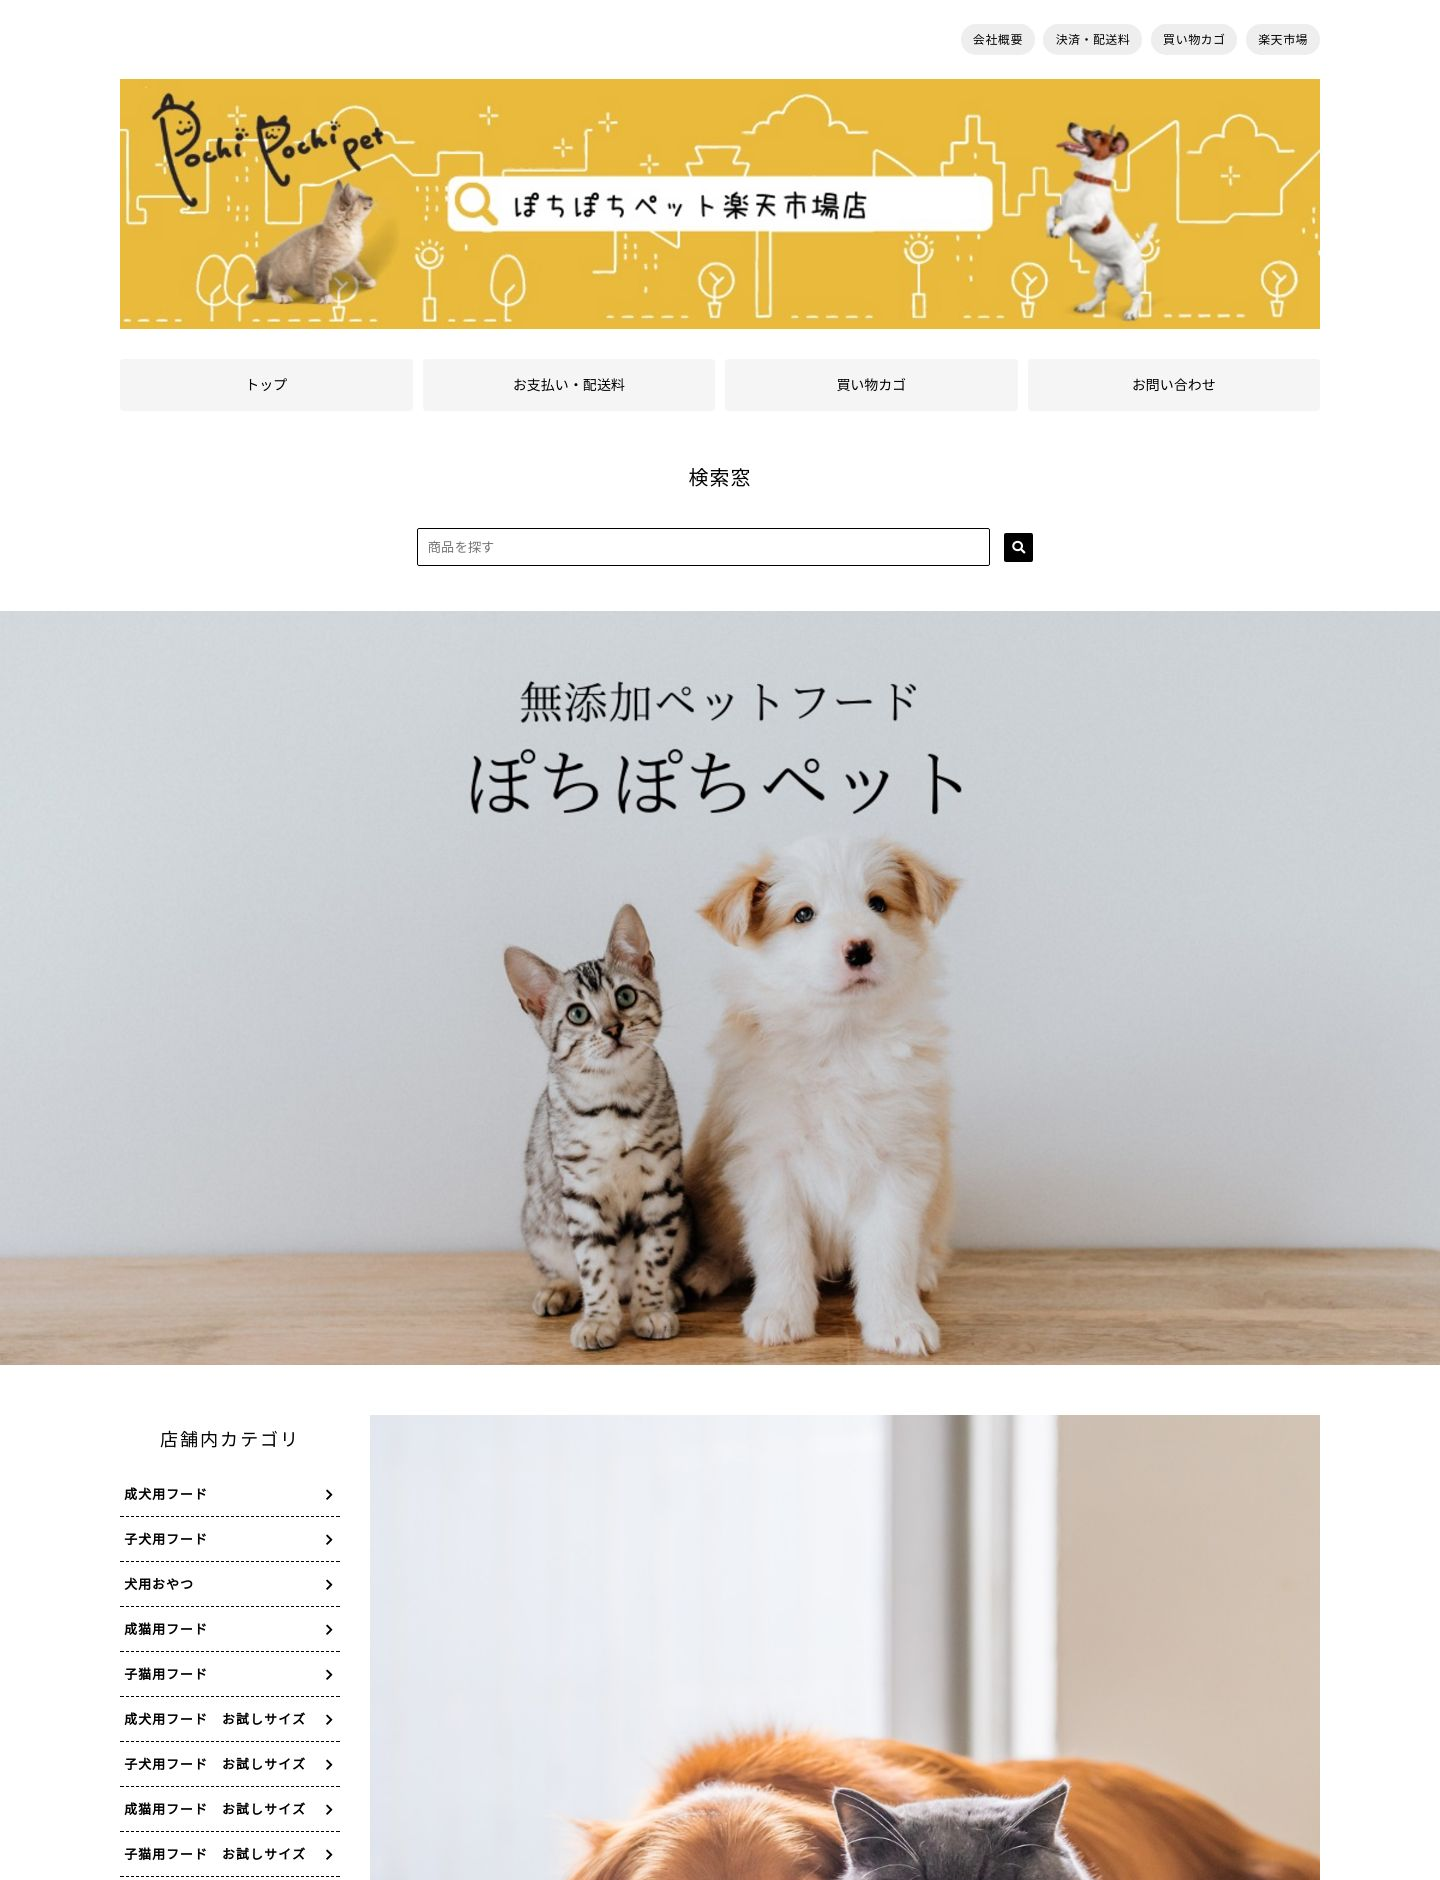 ぽちぽちペット楽天市場店様 サイト画像